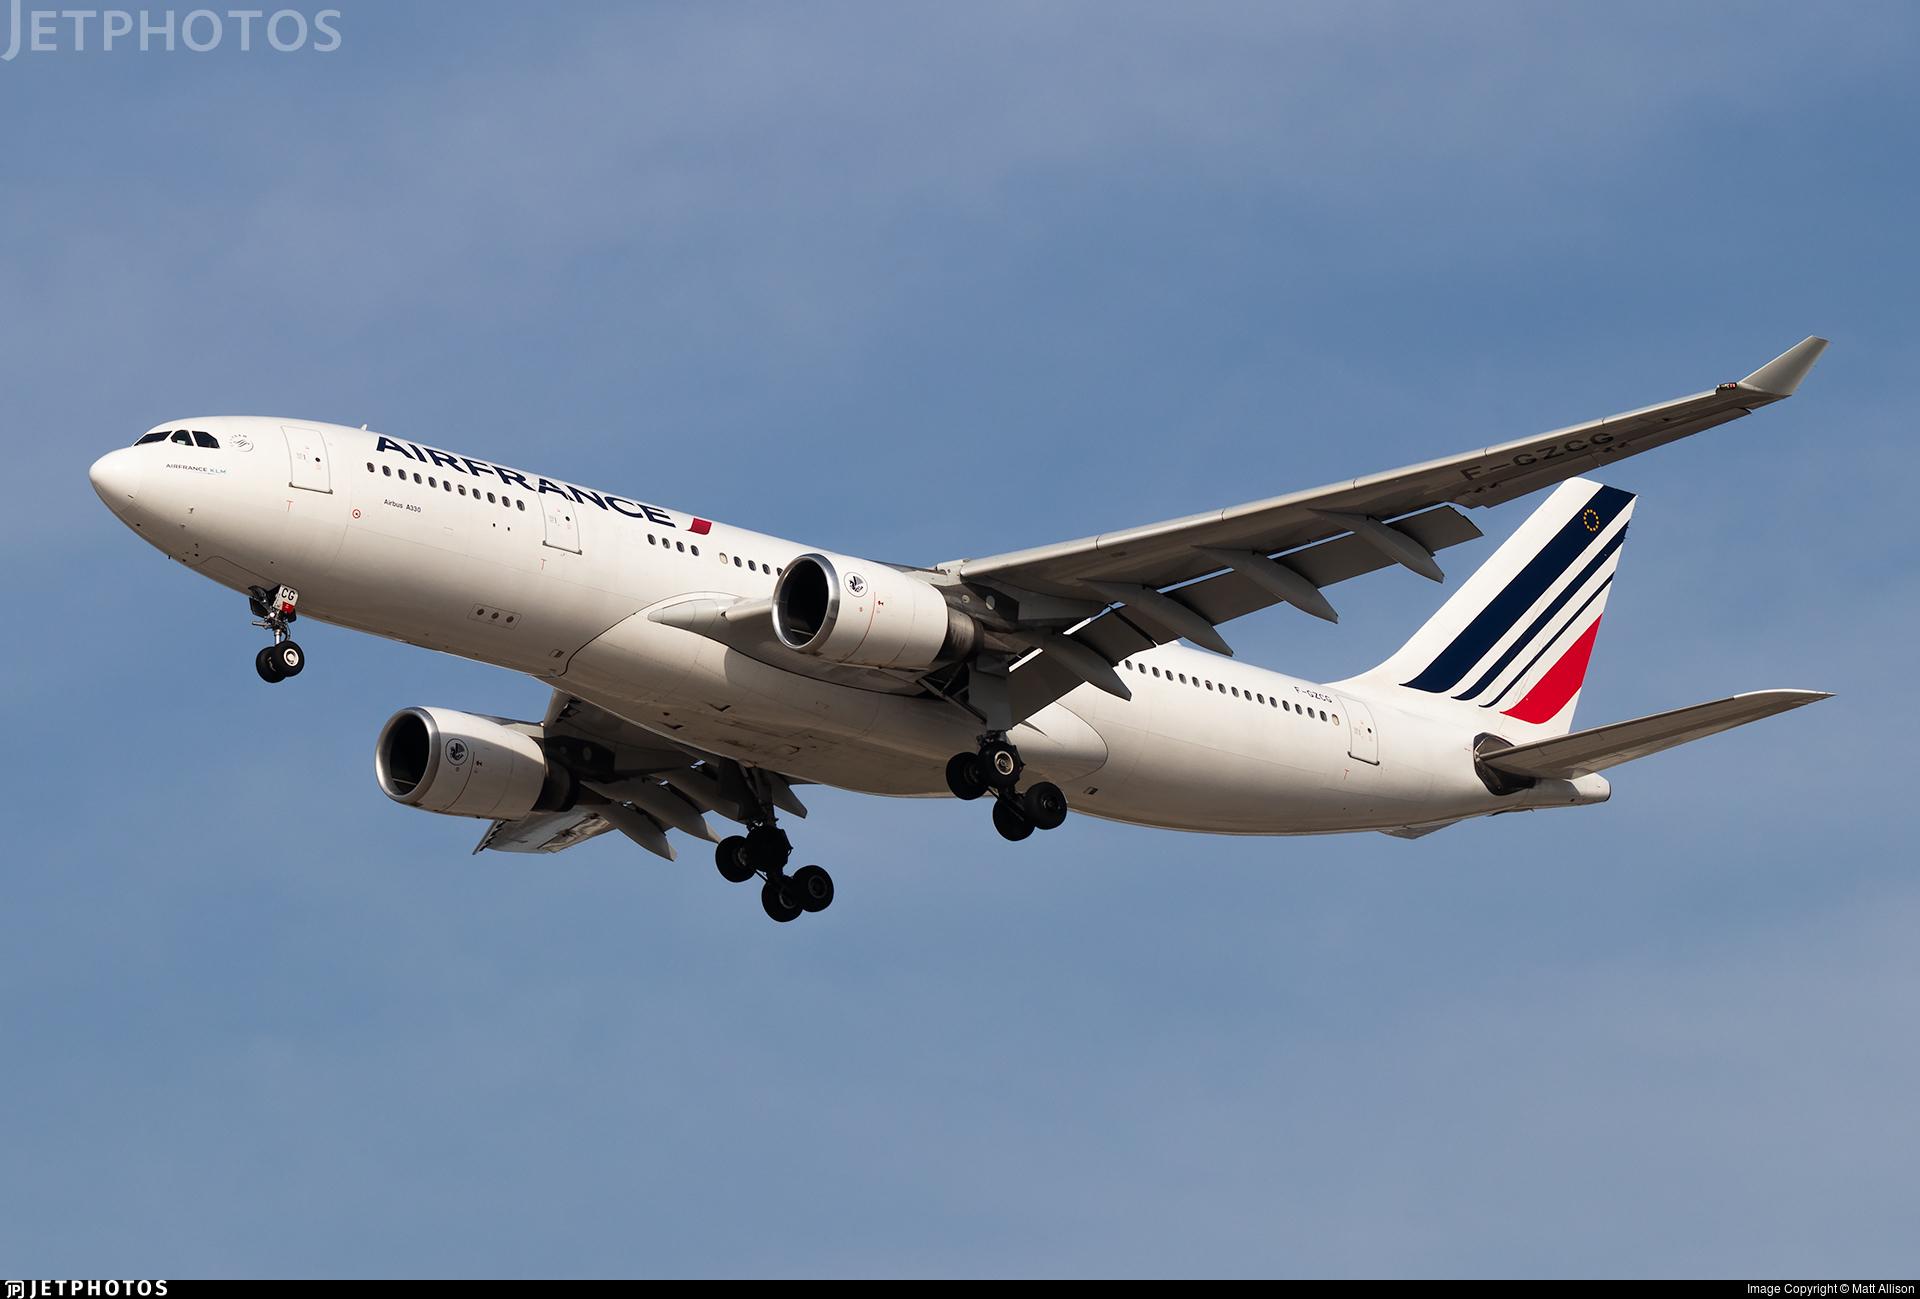 F-GZCG - Airbus A330-203 - Air France